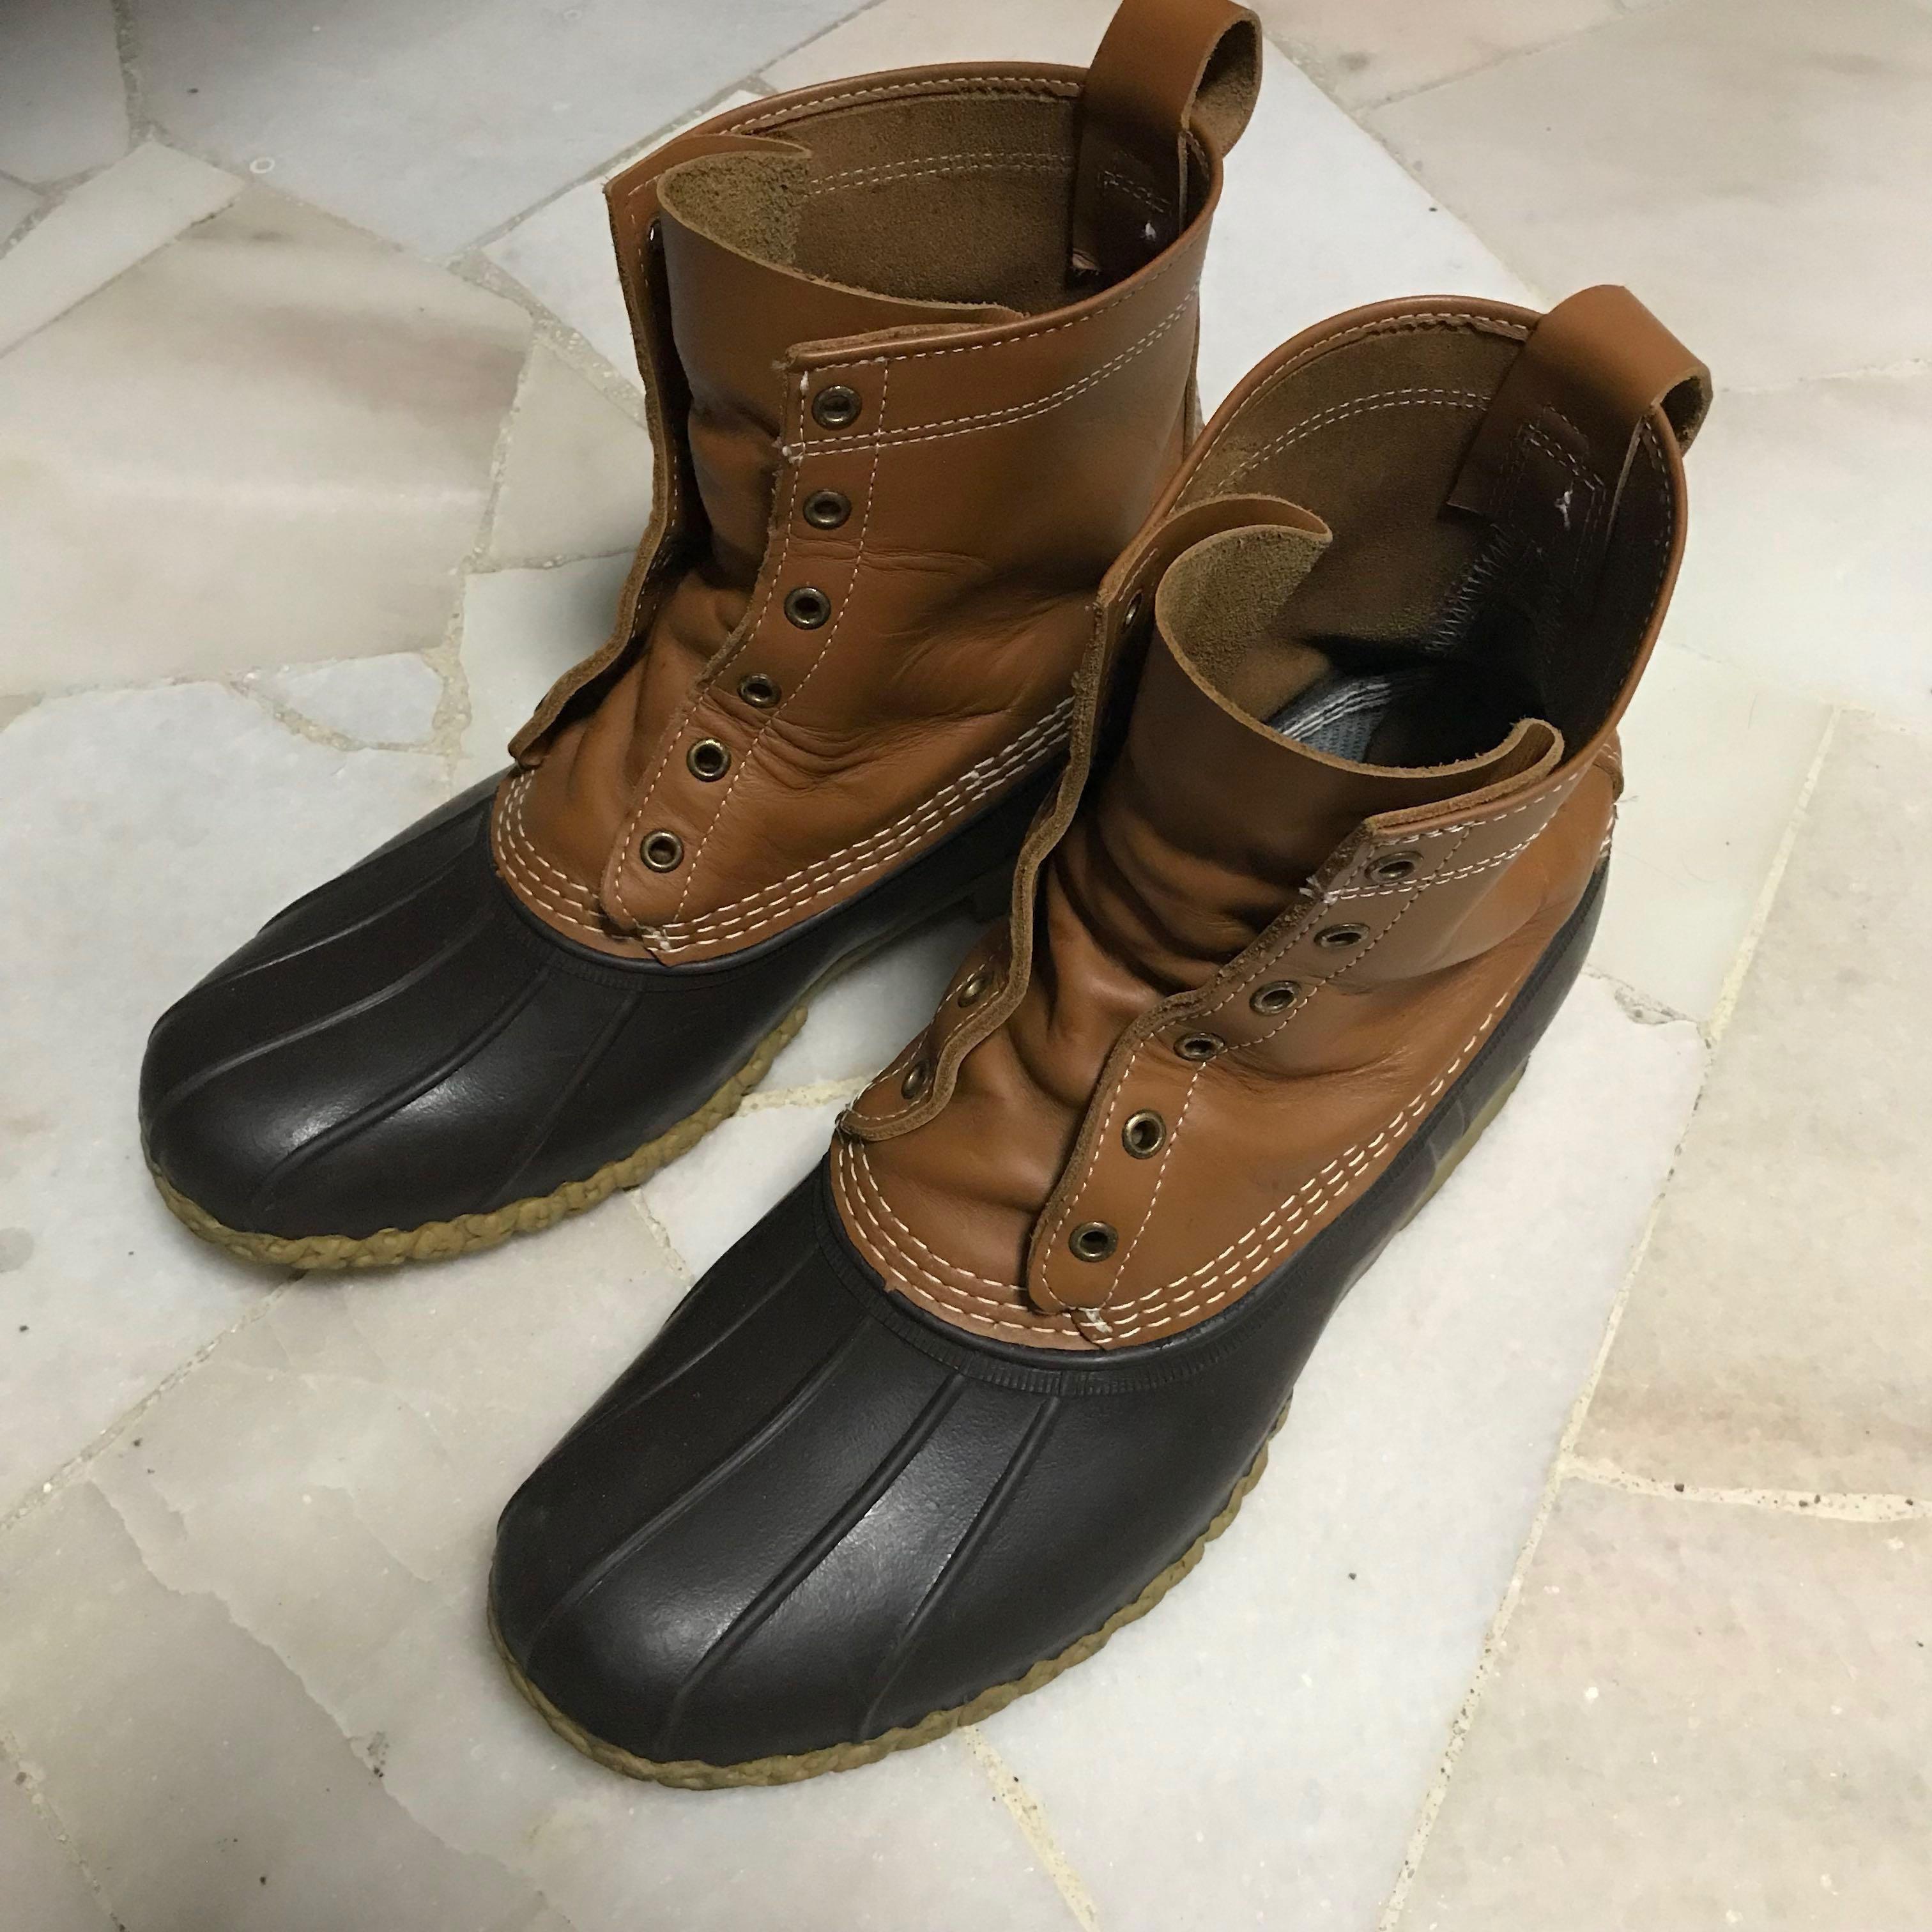 0102a7769734a LL Bean - Bean boots/ rain boots/ winter boots